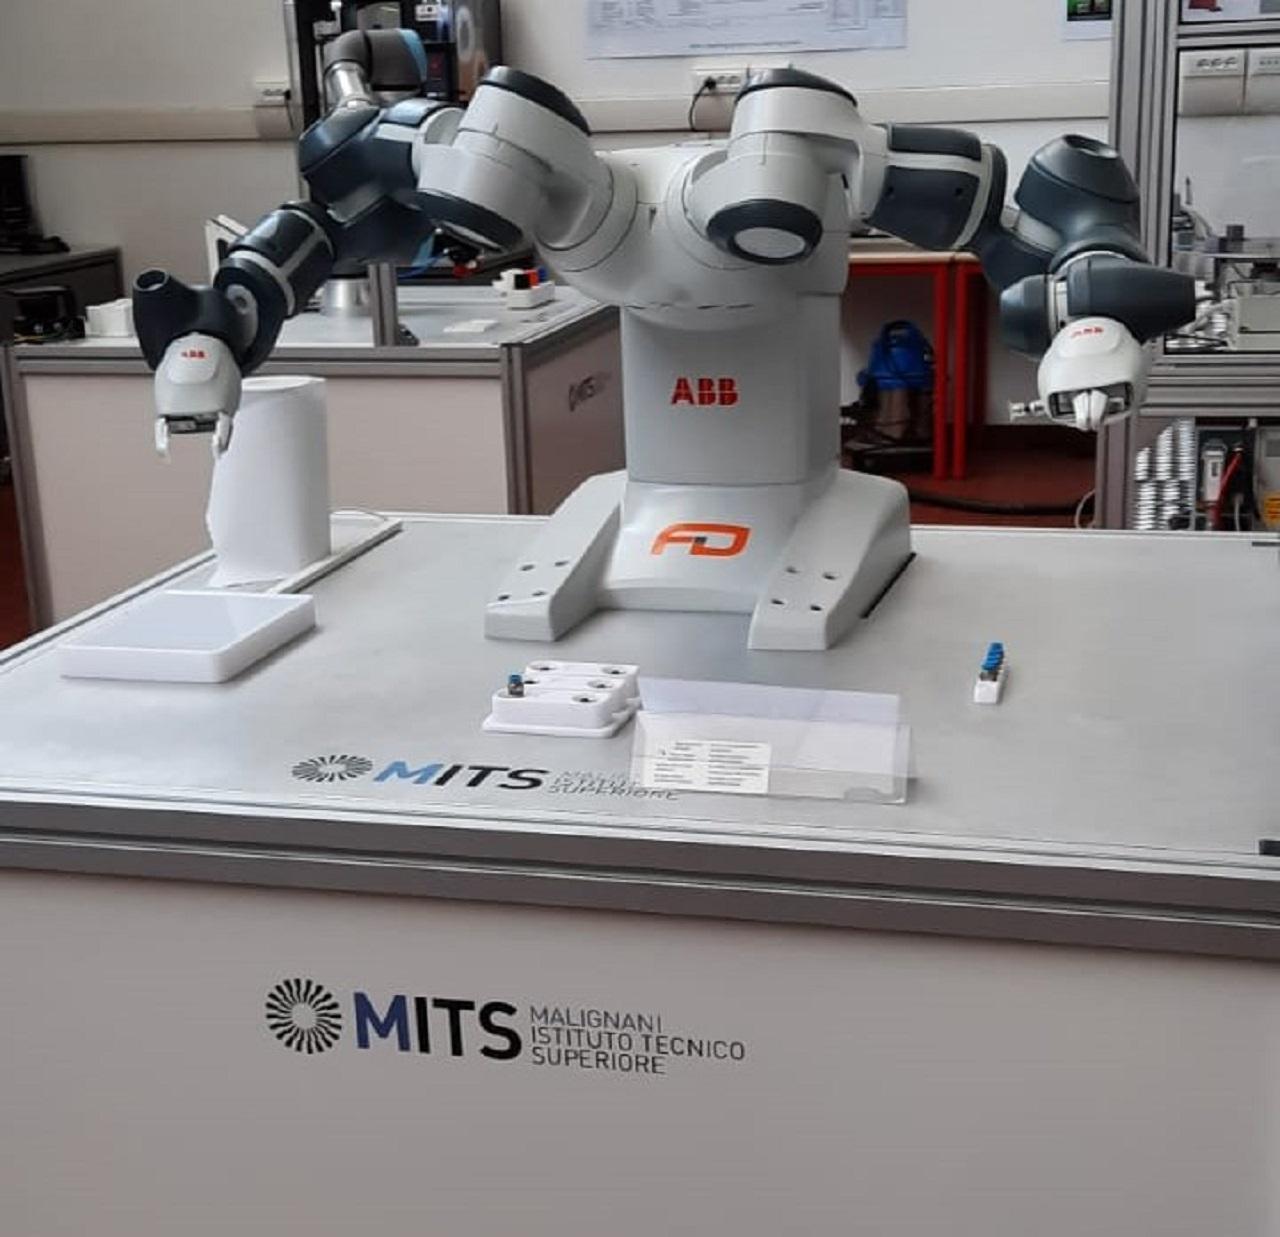 A scuola di robotica con Abb